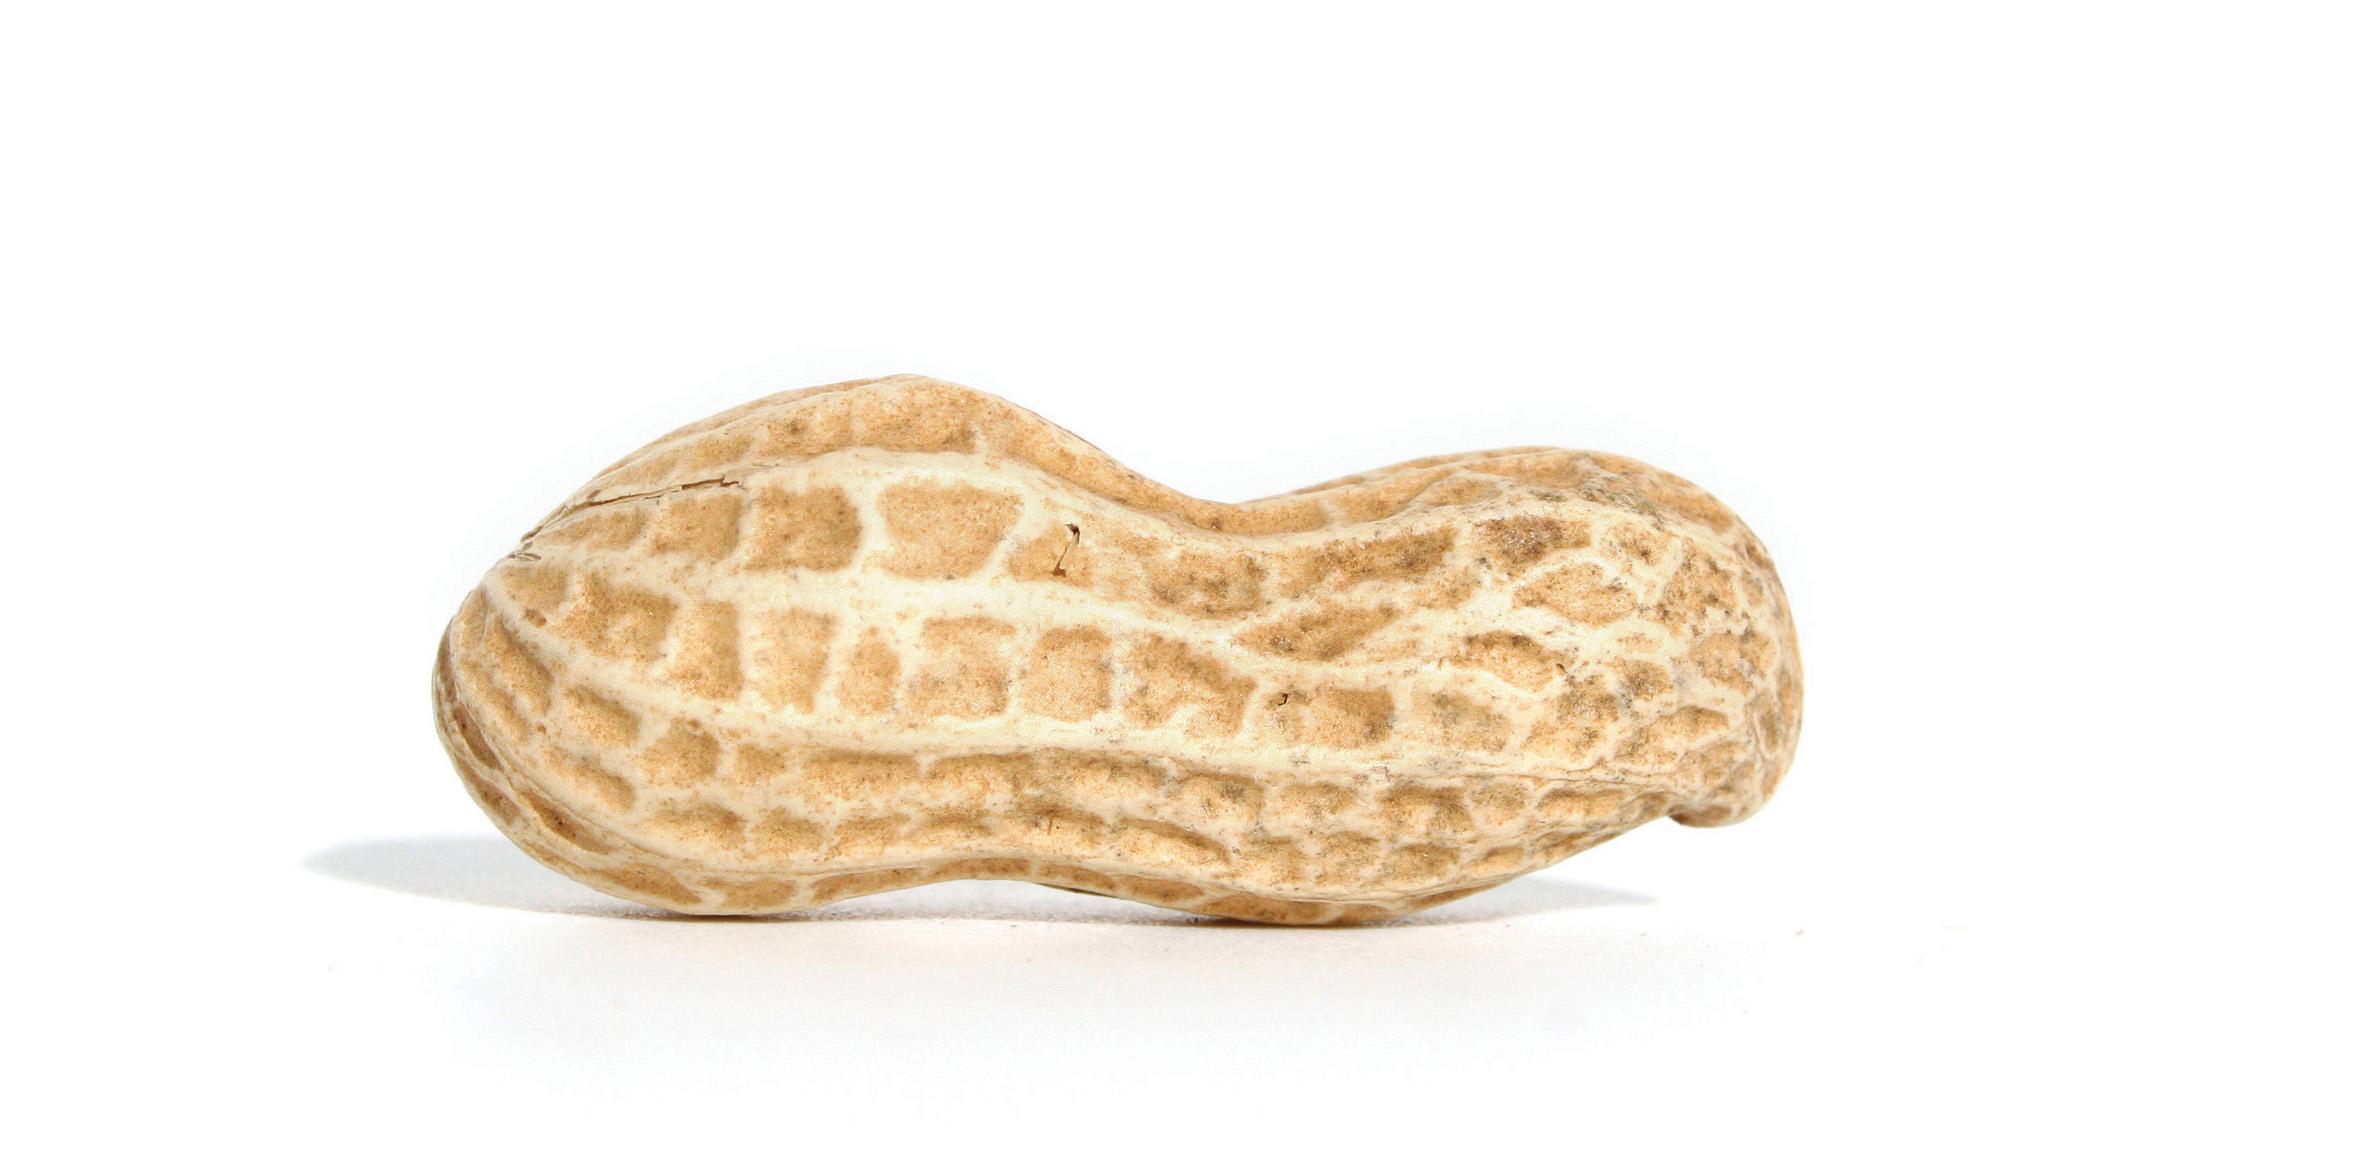 Peanut #5